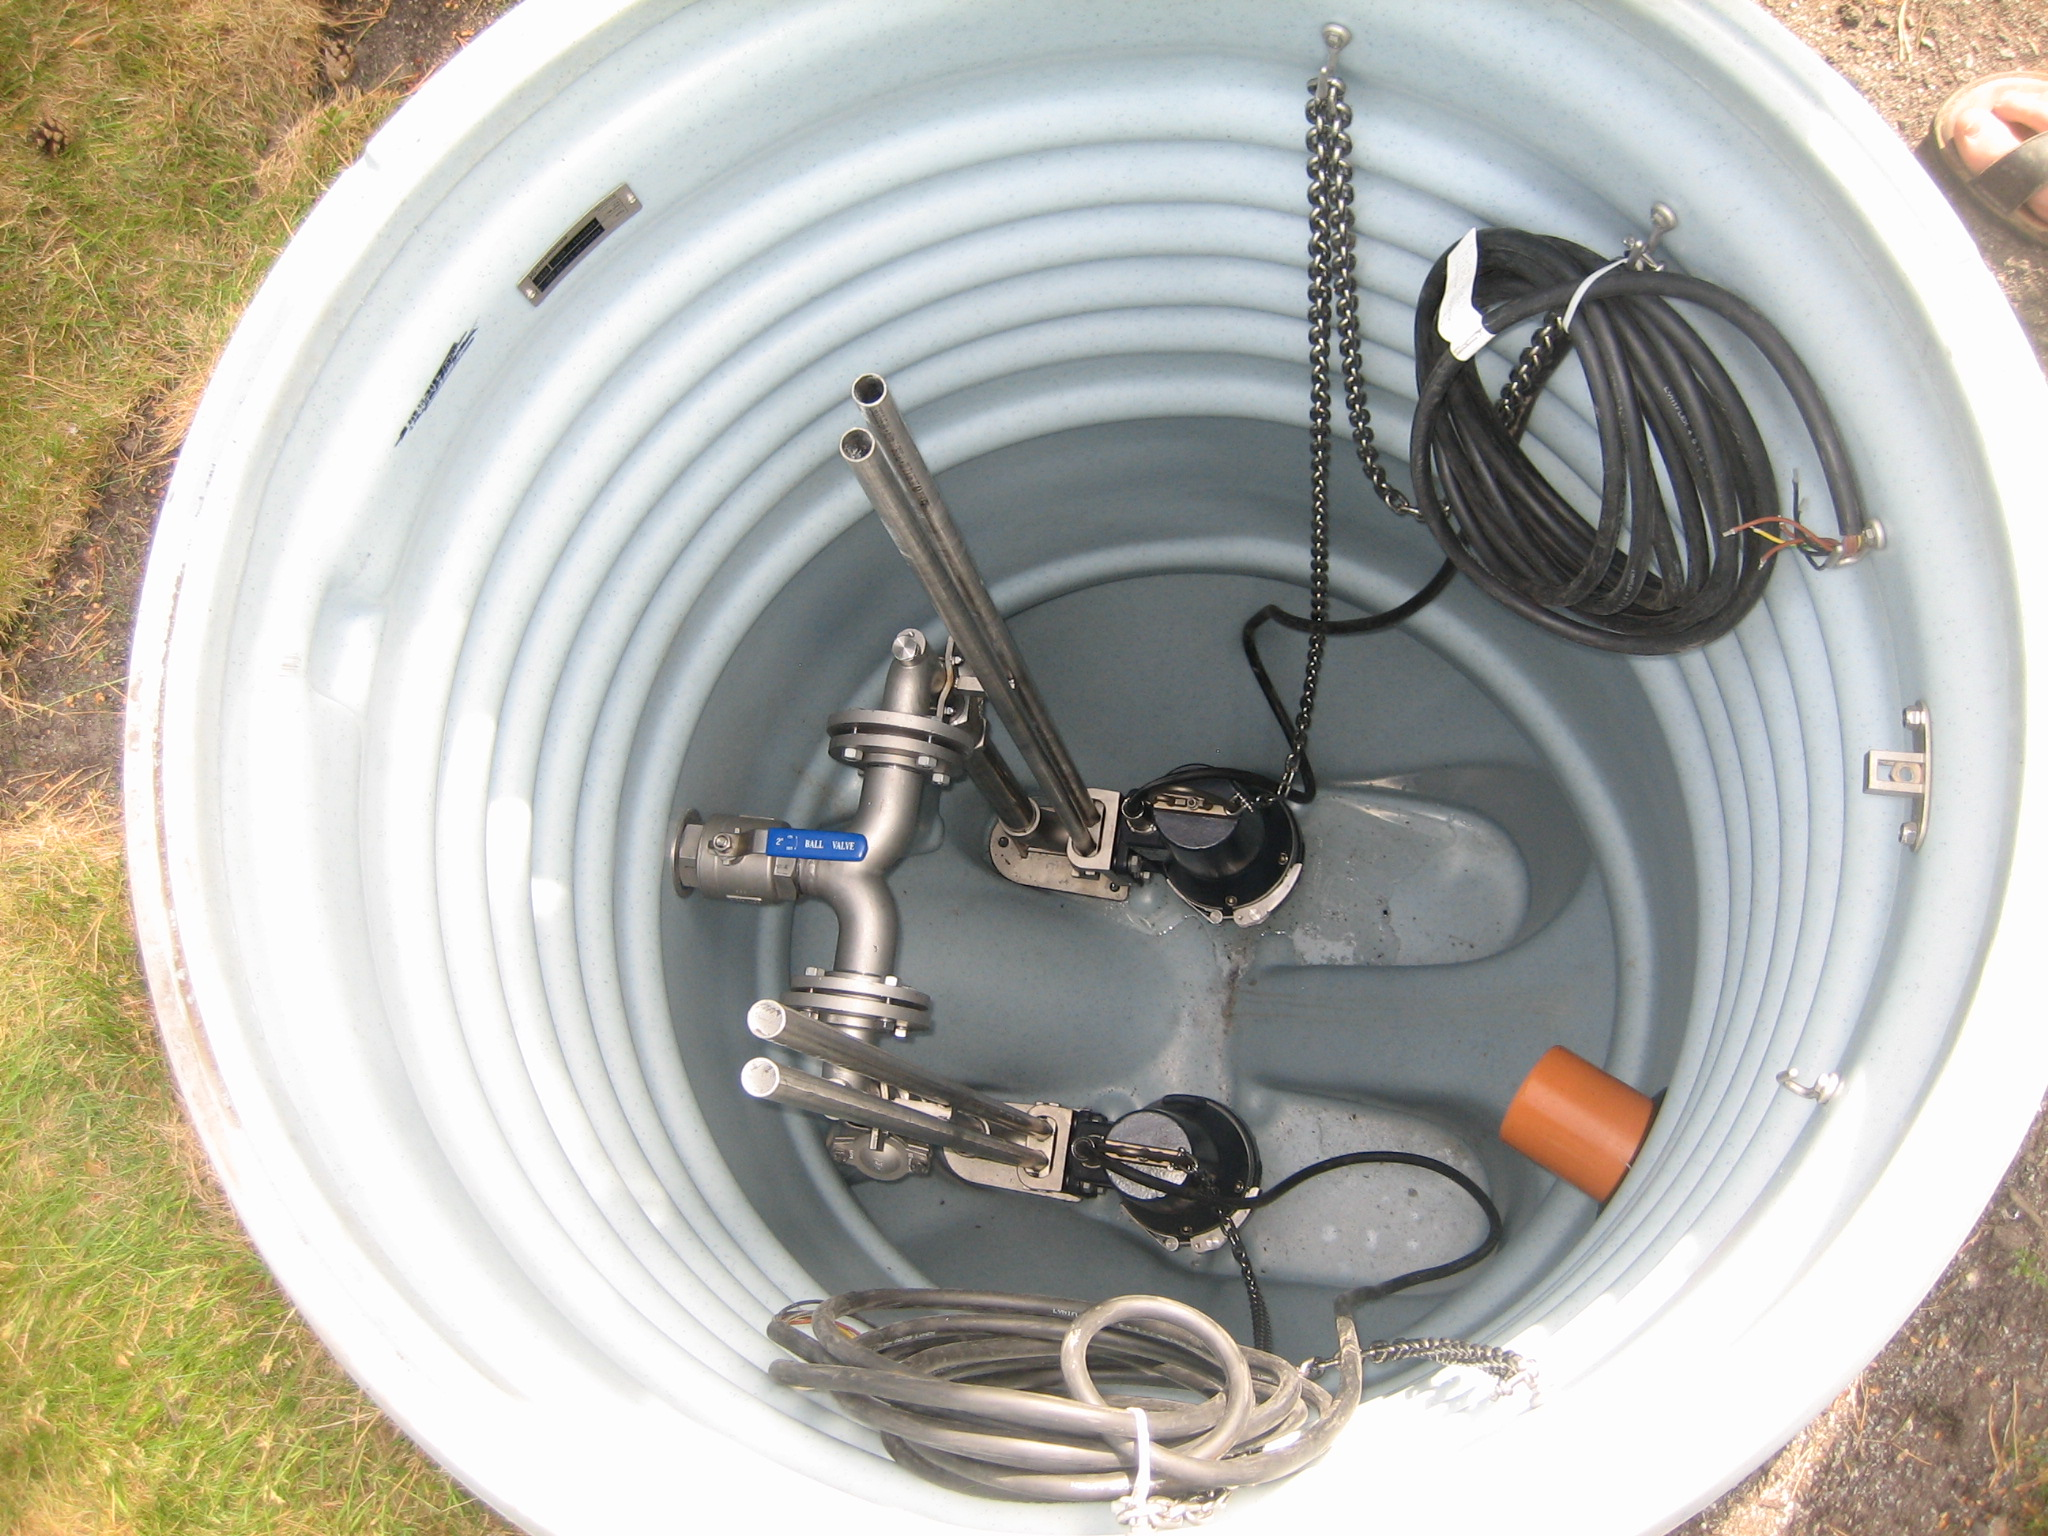 A sump pump